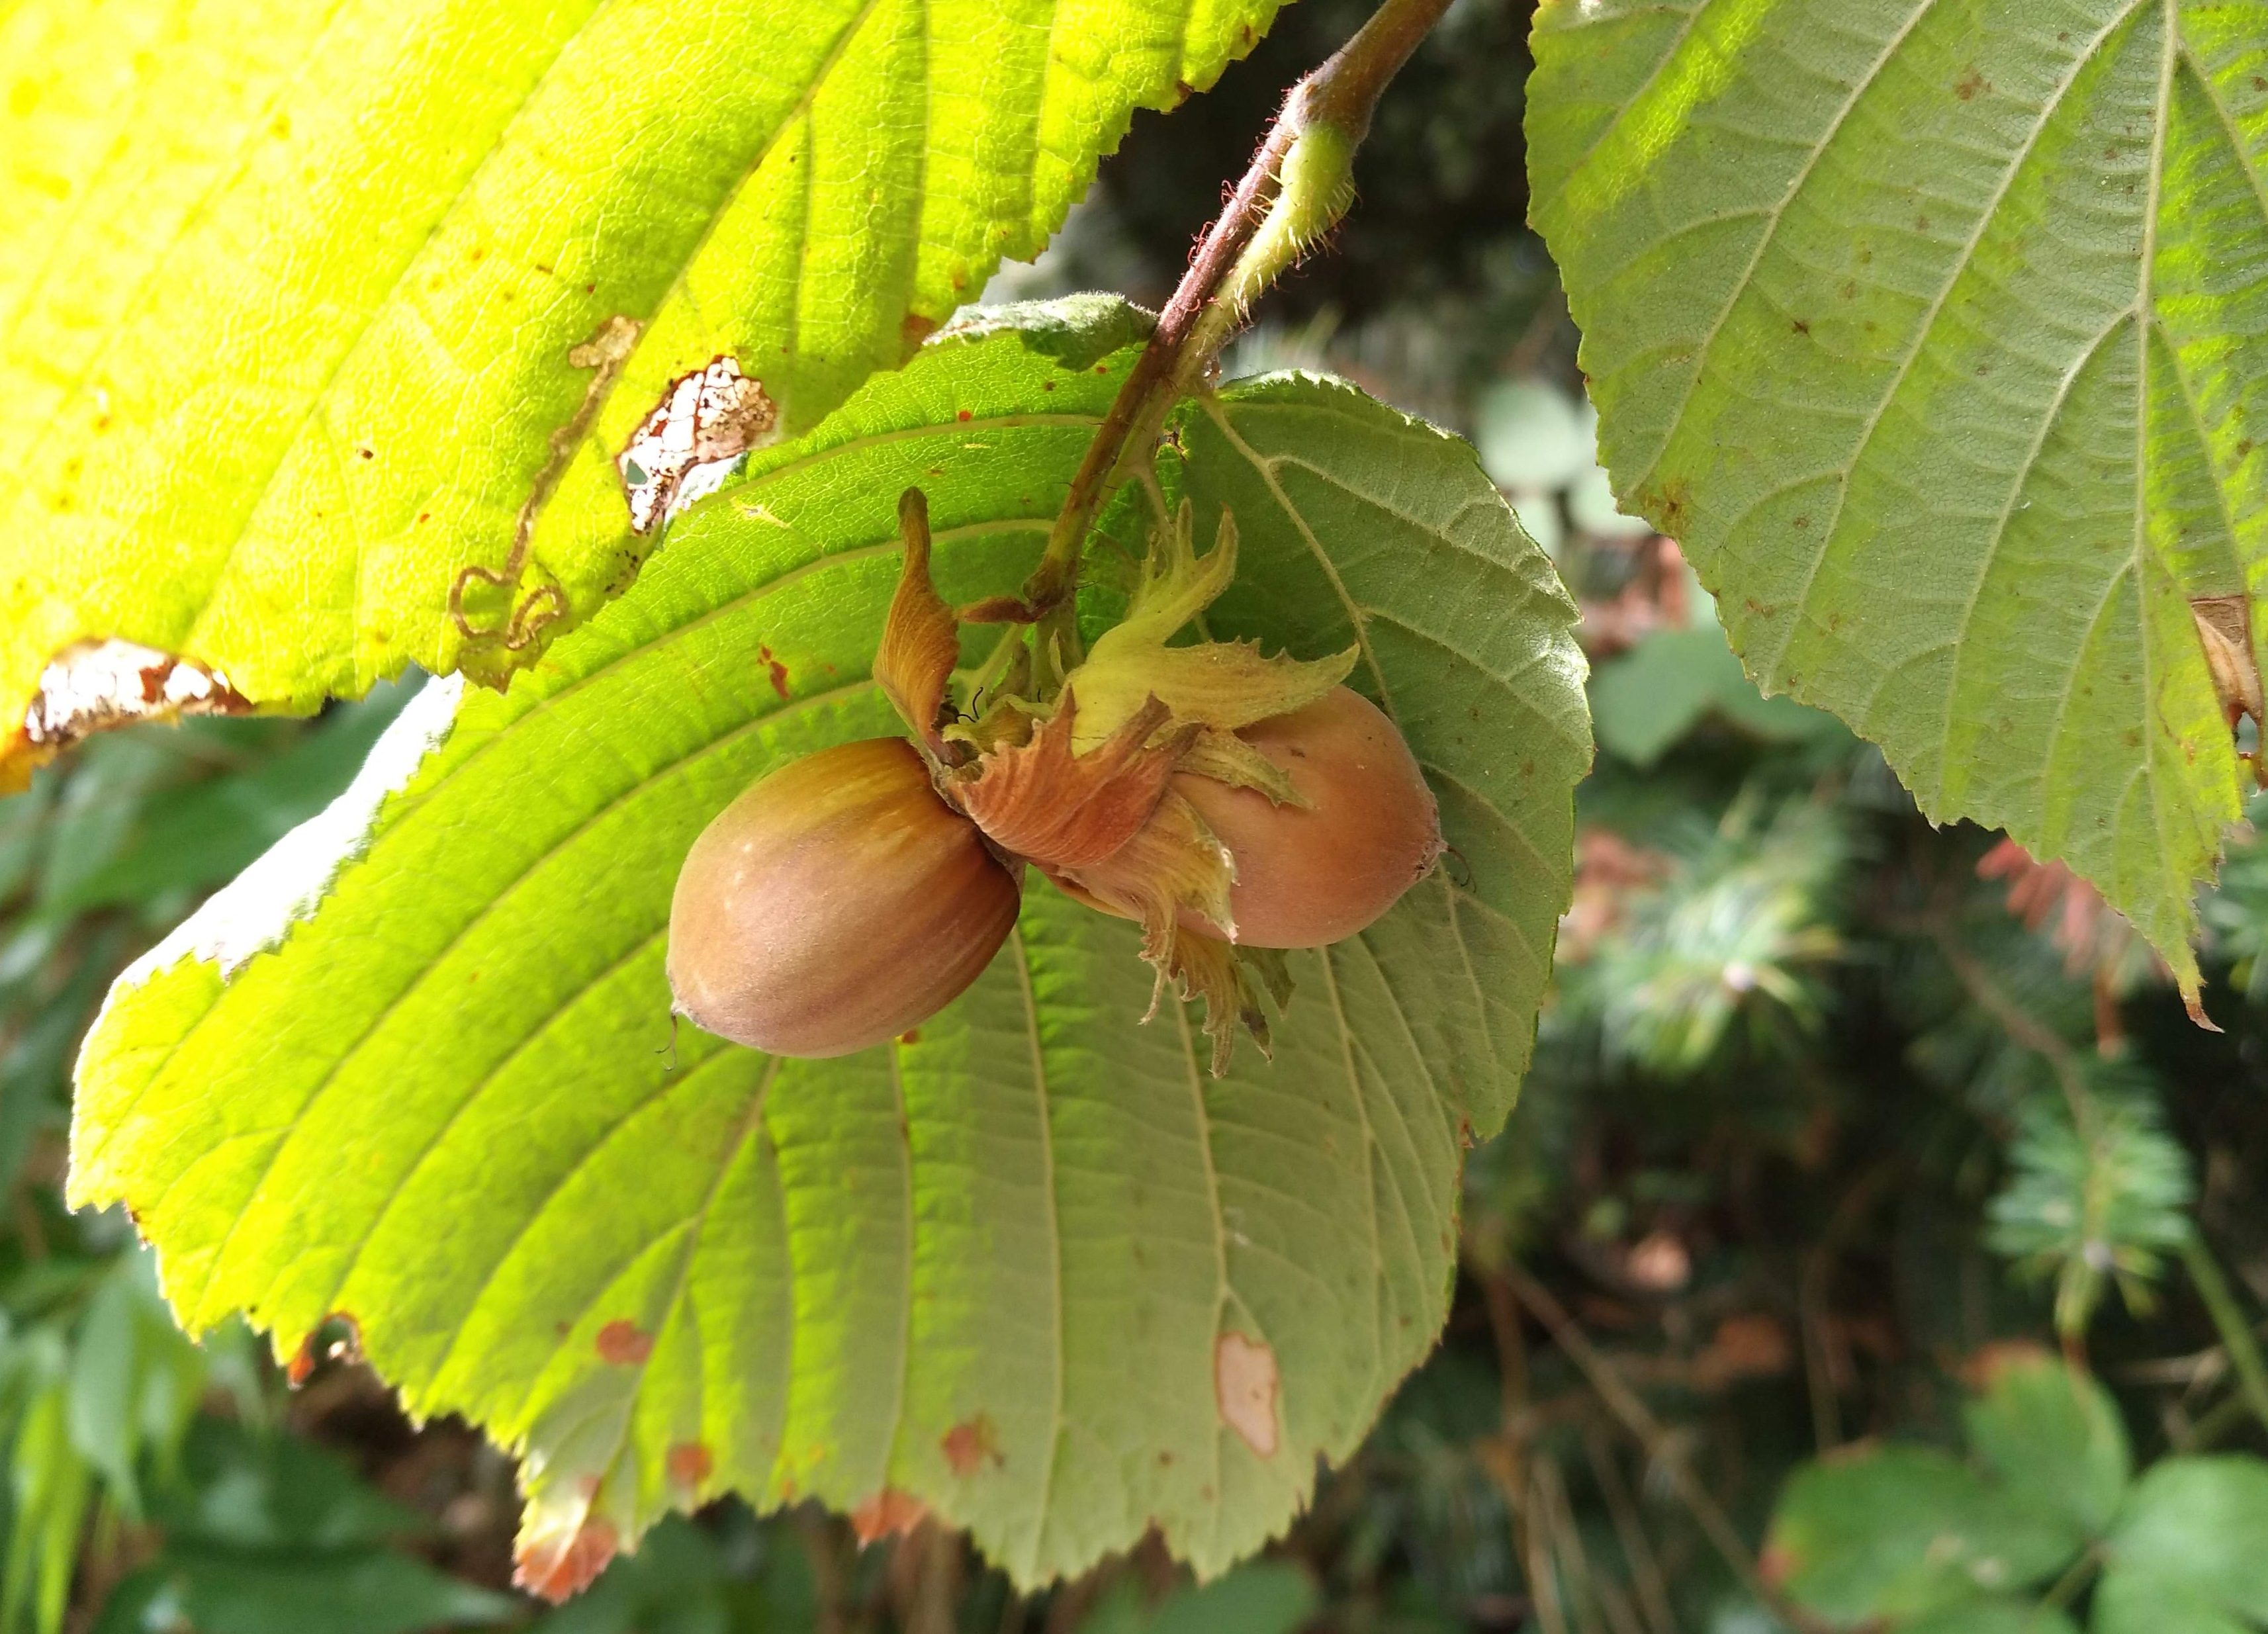 Haselnuss, wie hängt die Haselnuss am Baum, wie wachsen Haselnüsse